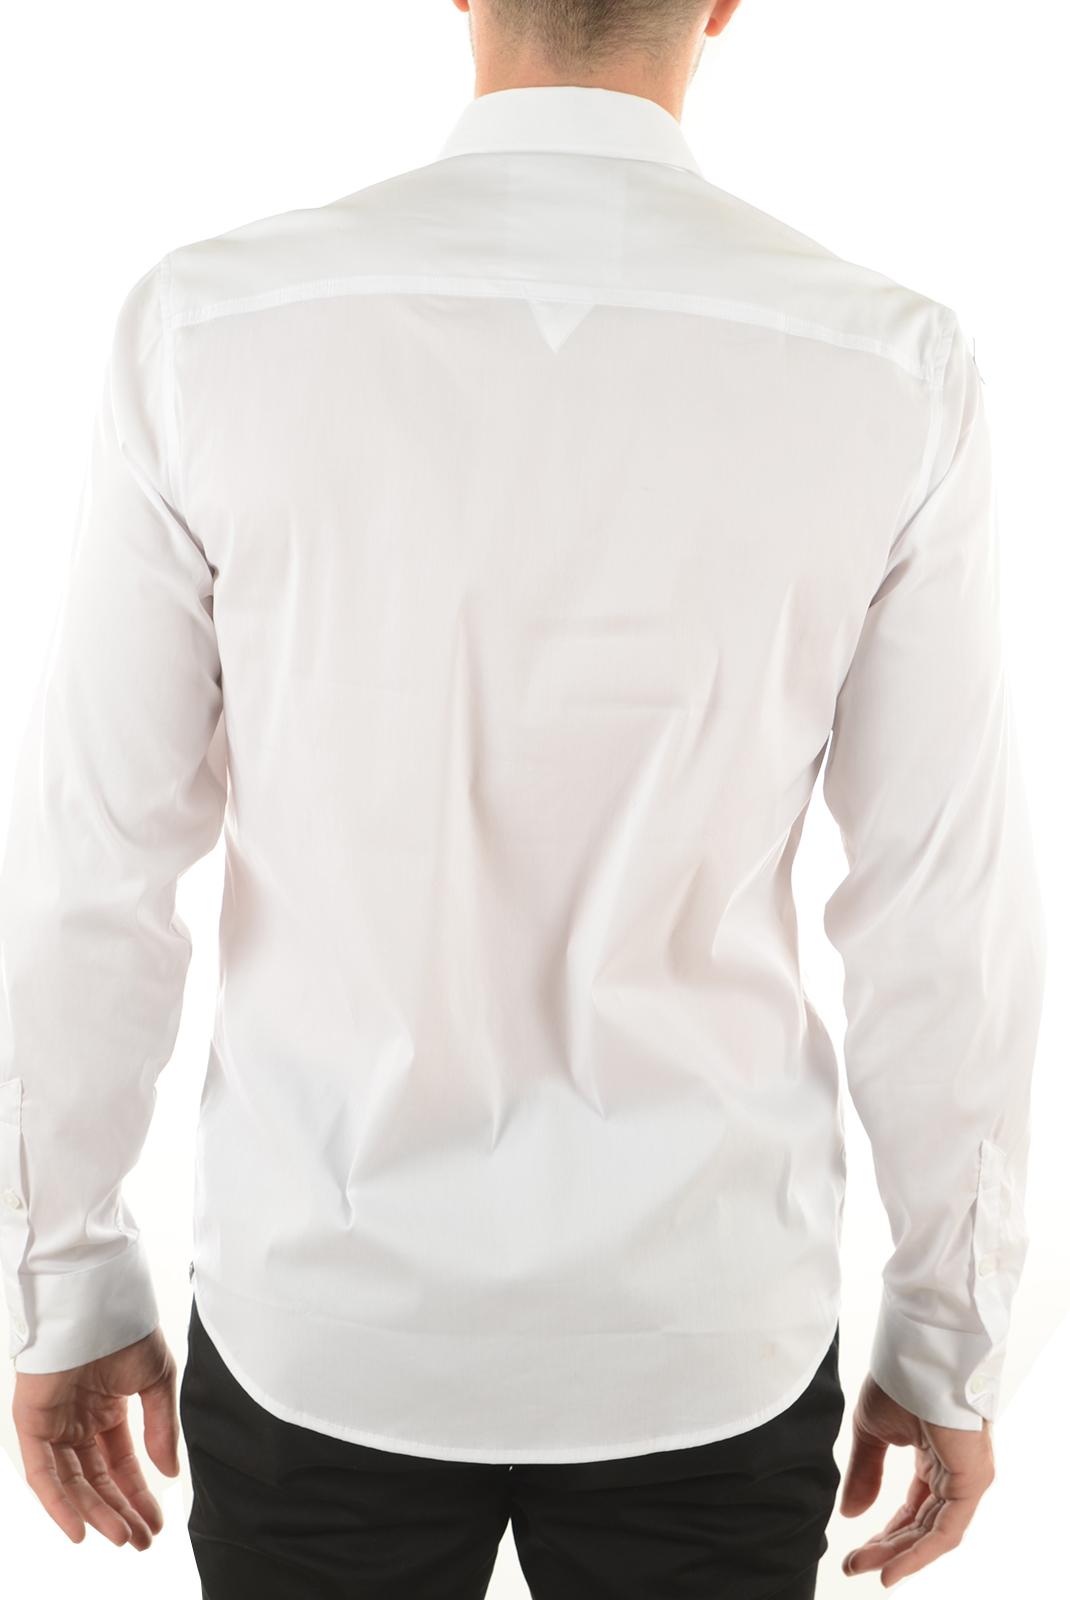 Chemises   Guess jeans M51H1DW5M50 009 BLANC